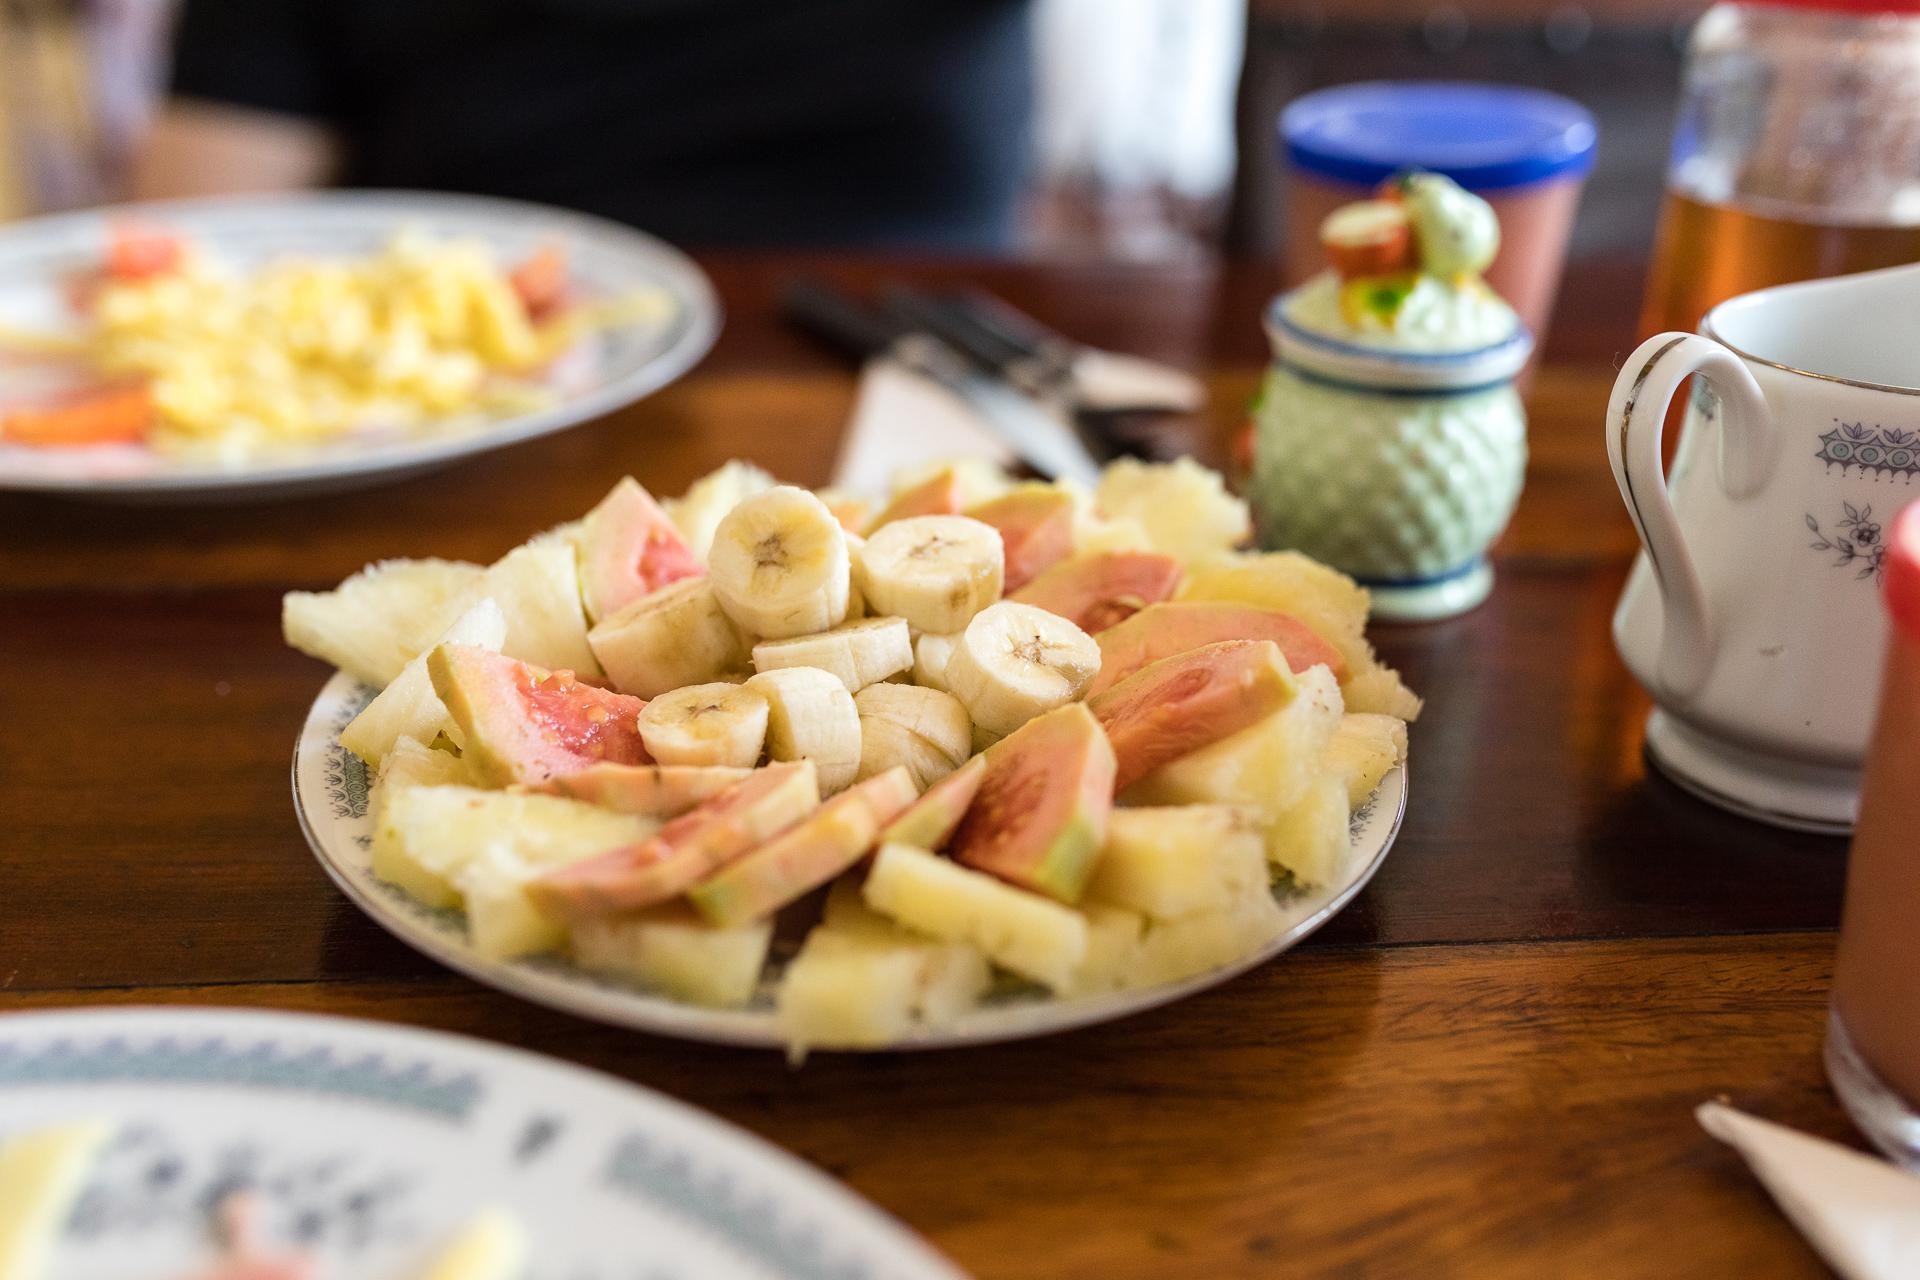 Bild: Frühstück in einer Casa Particular in Kuba mit viel Ei und Obst